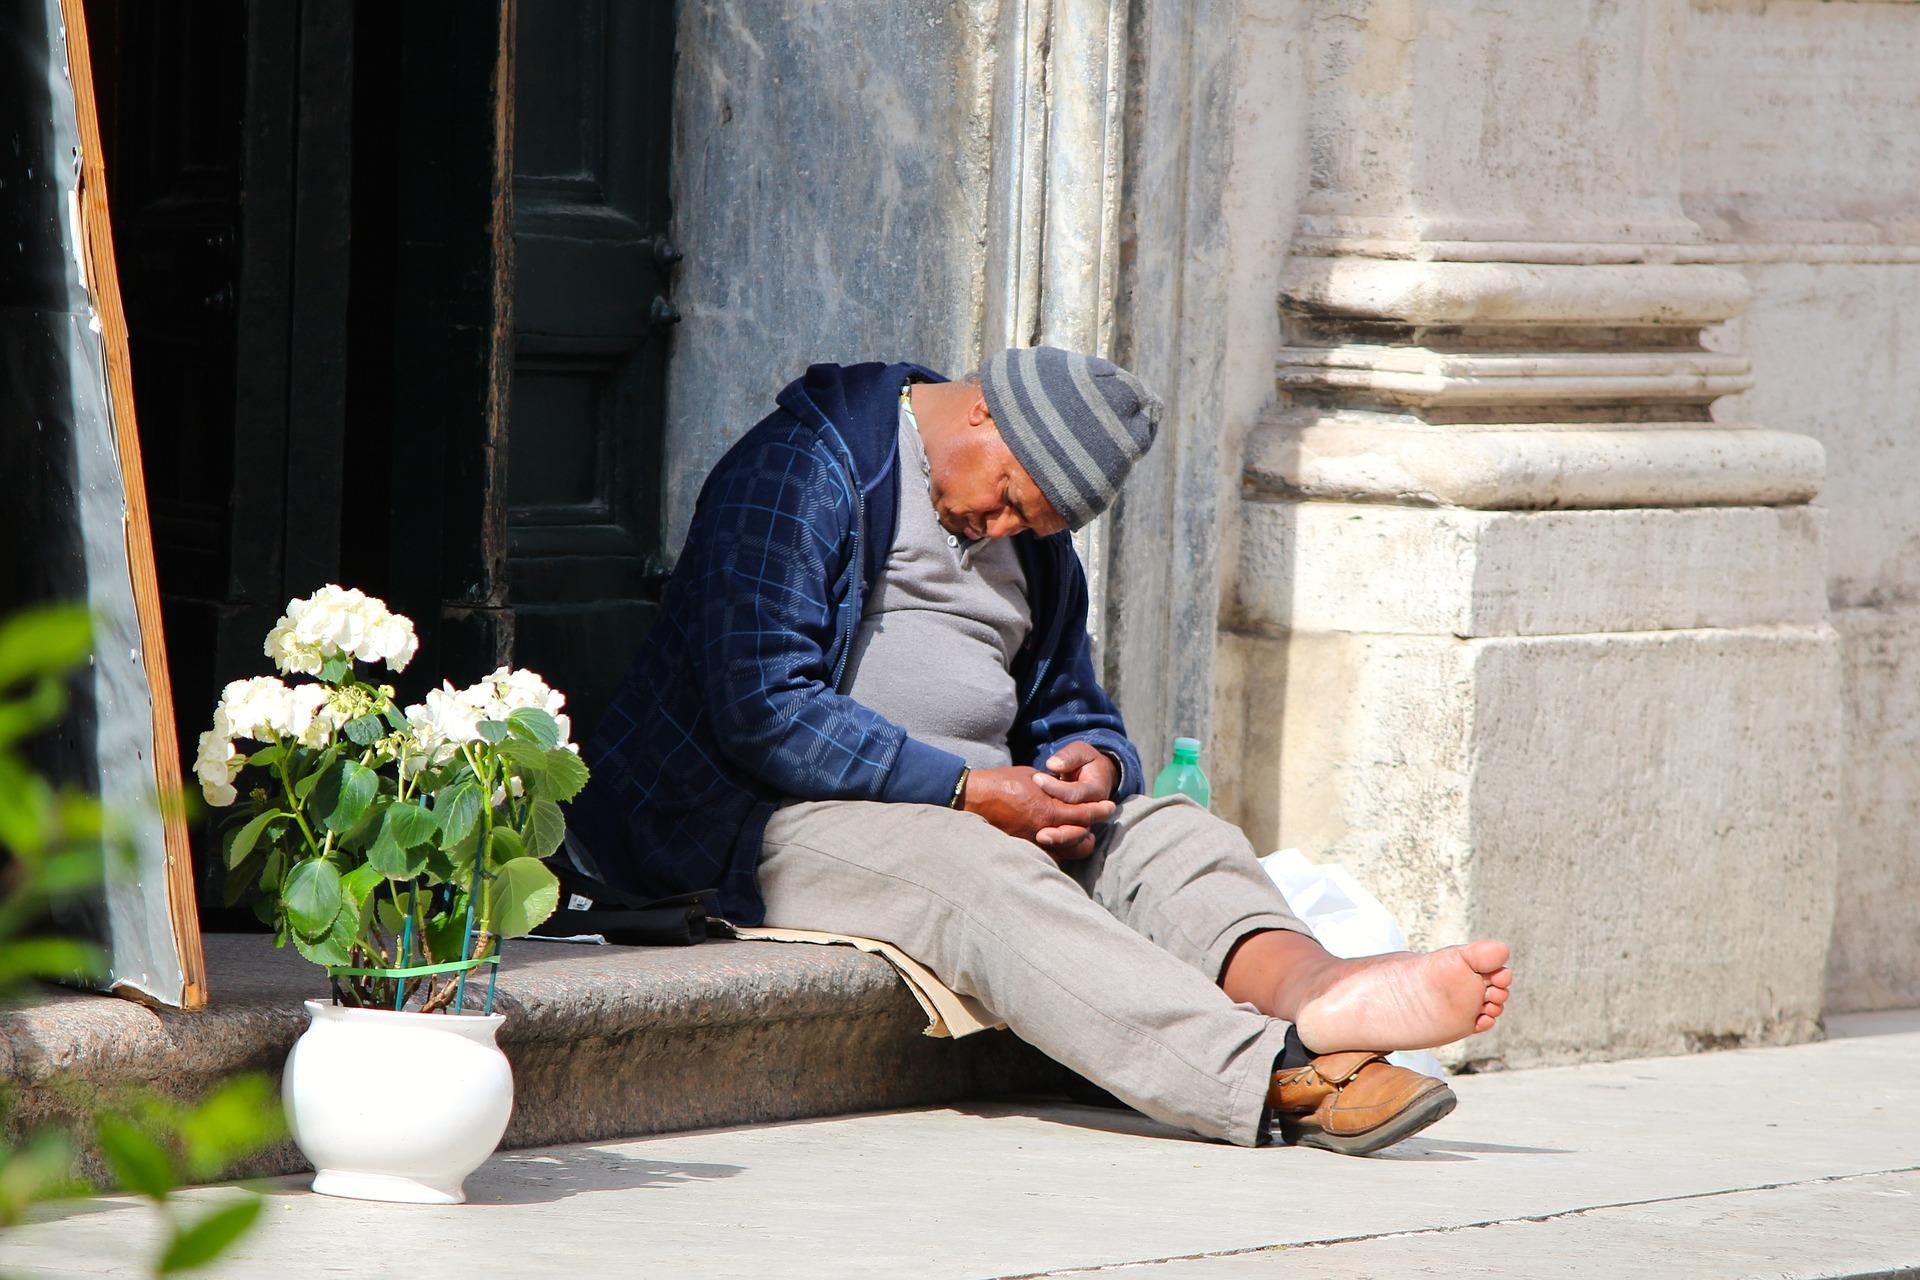 La salute degli homeless ai tempi del Covid-19